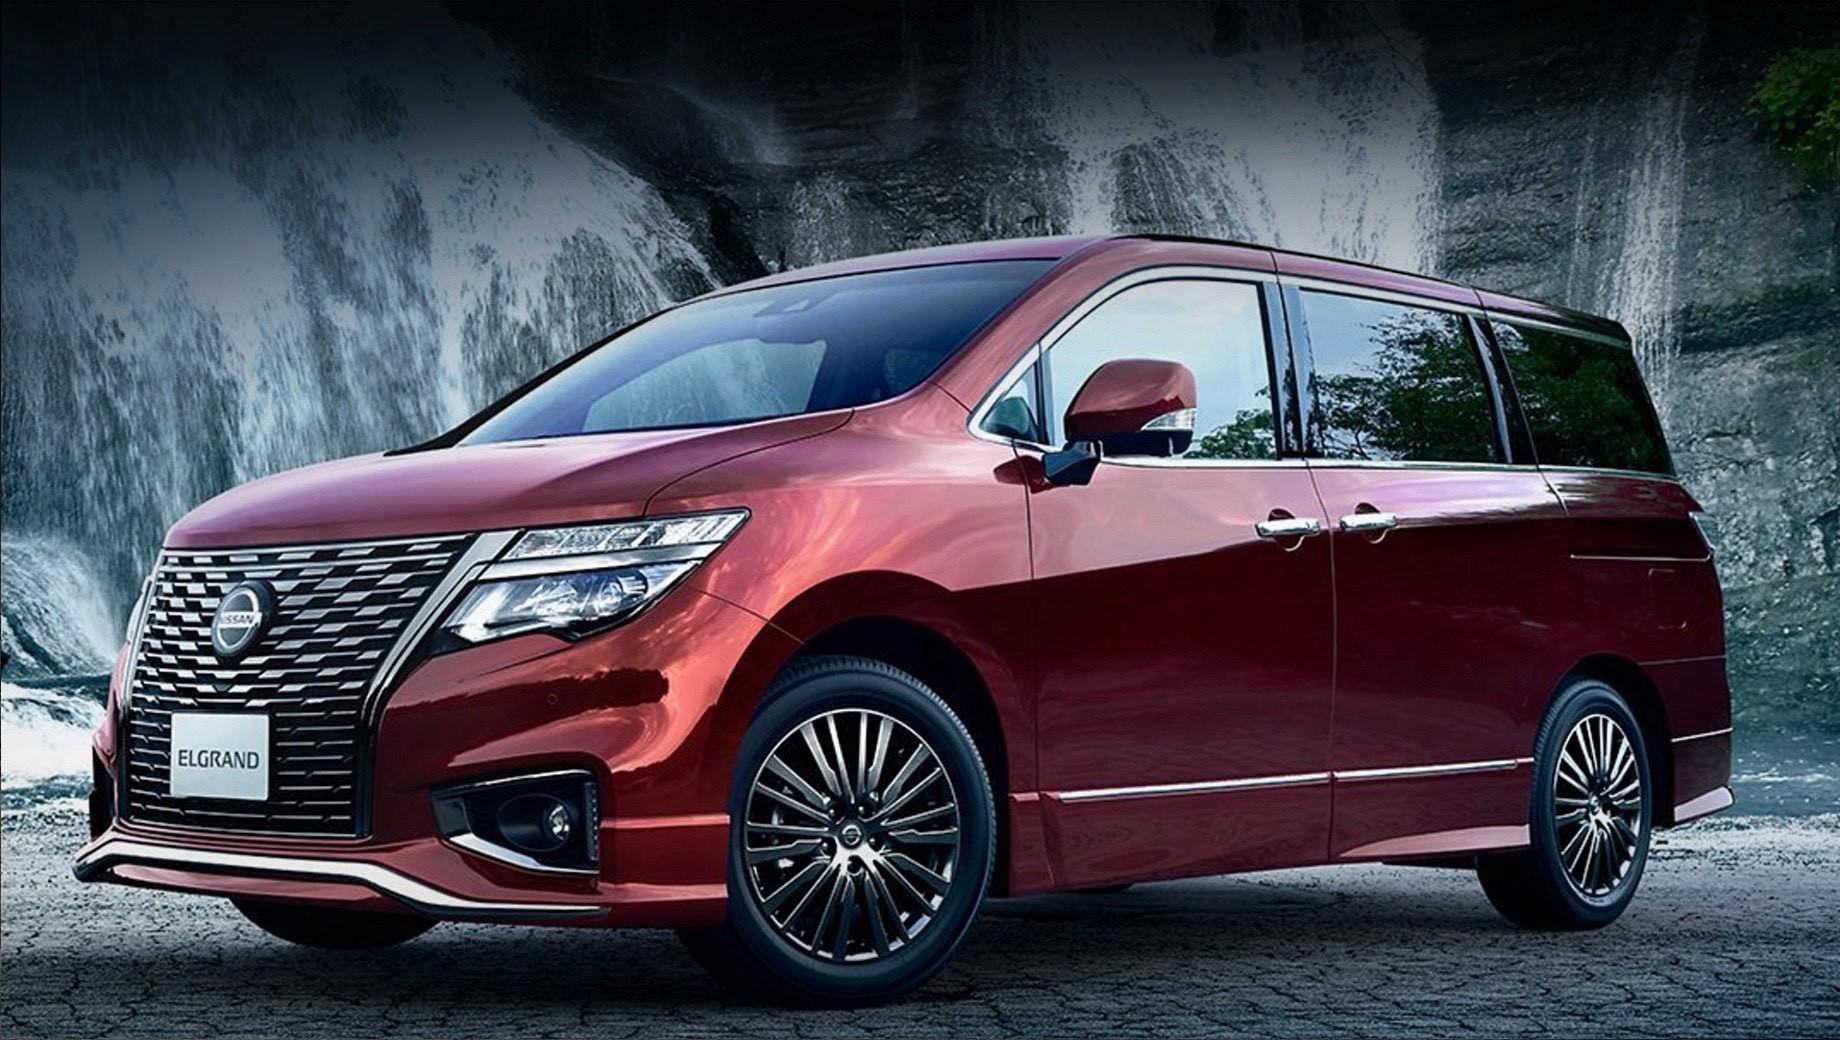 После обновления Nissan Elgrand стал богаче снаружи и внутри